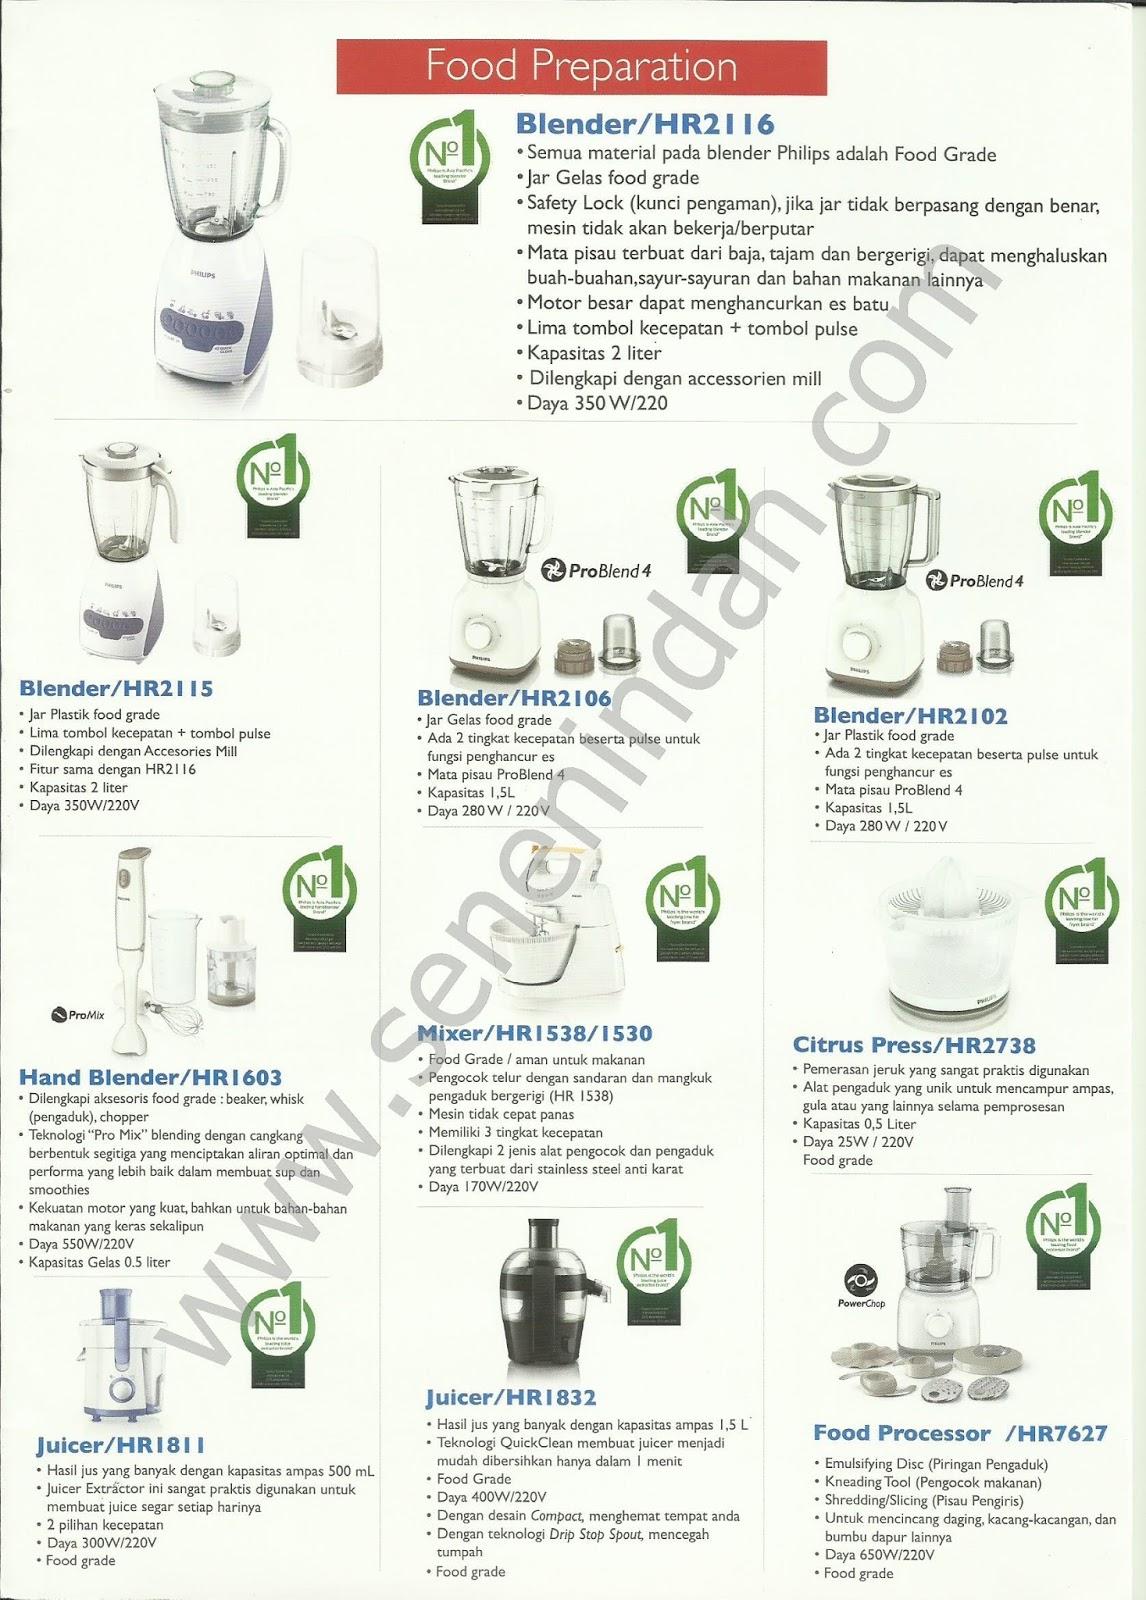 Philips Complete 2015 Senen Indah Pusat Peralatan Rumah Tangga Hand Mixer Hr 1530